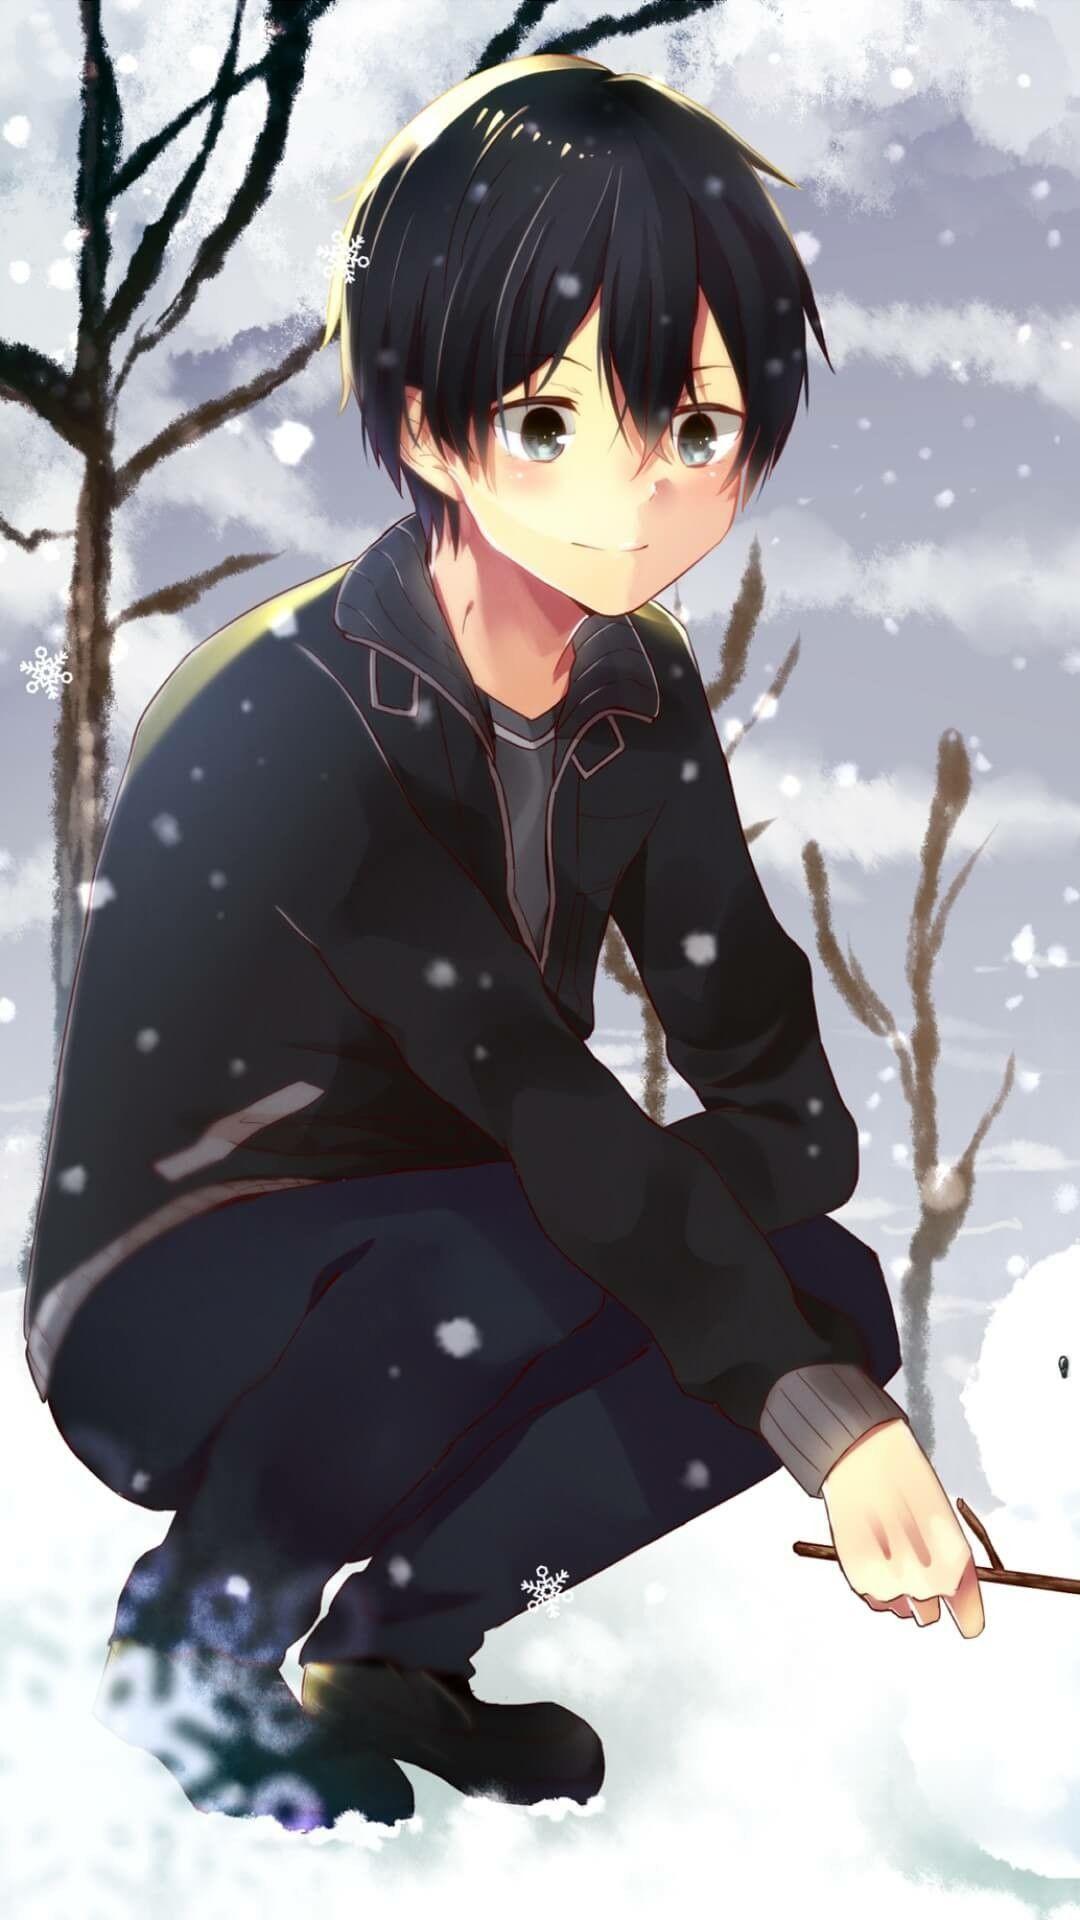 Sword Art Online Kirito Anime Anime Hair Sword Art Online Kirito